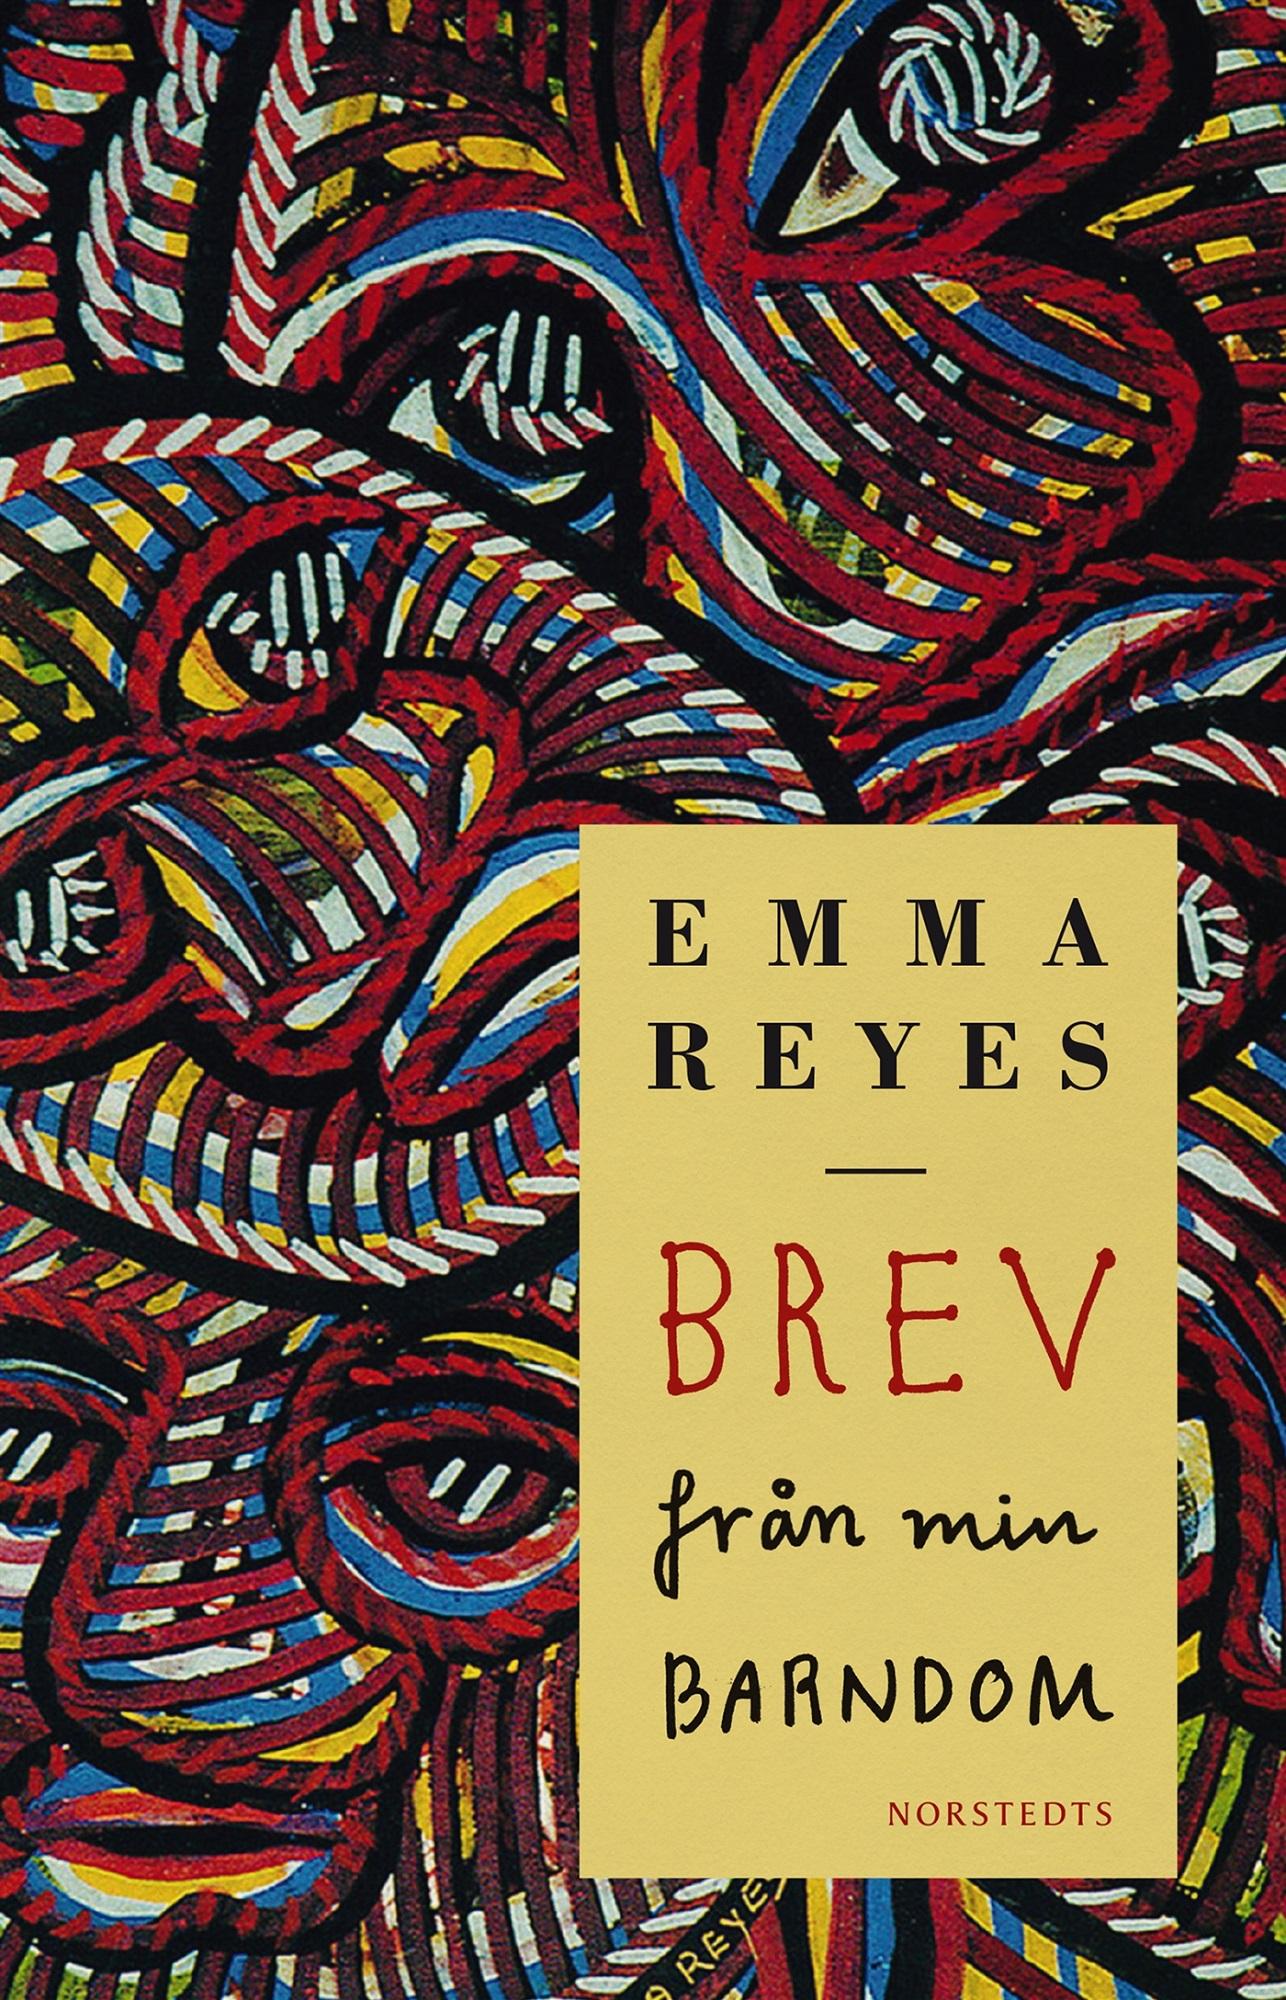 Brev från min barndom av Emma Reyes